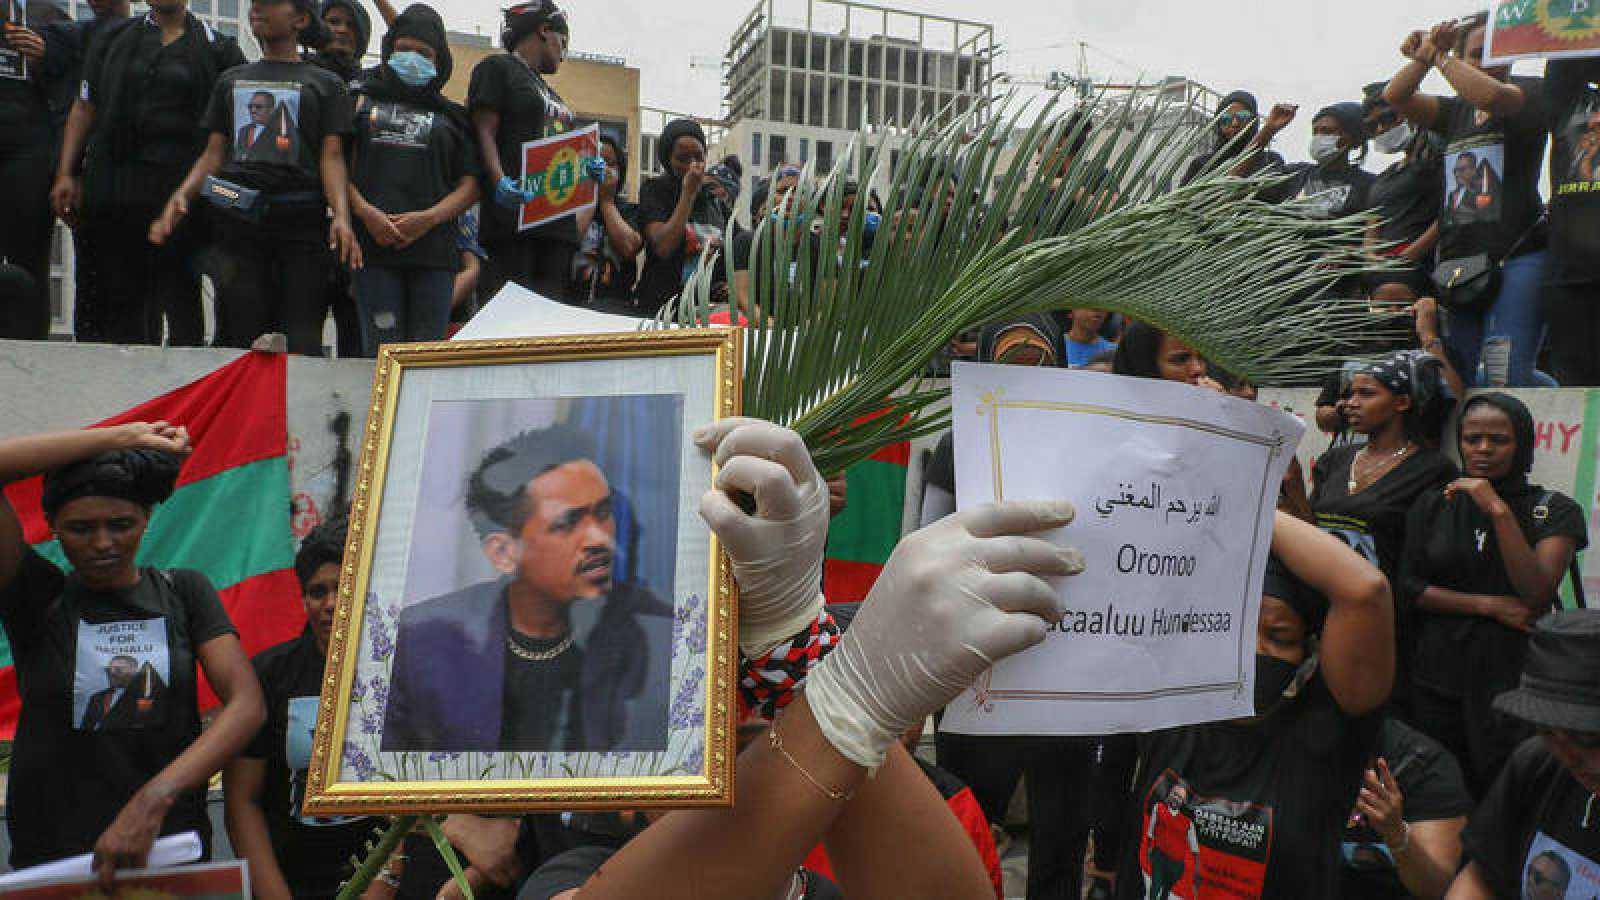 Miembros de la comunidad etíope oromo en el Líbano participan en una manifestación para protestar por la muerte del músico y activista Hachalu Hundessa, en la capital Beirut.